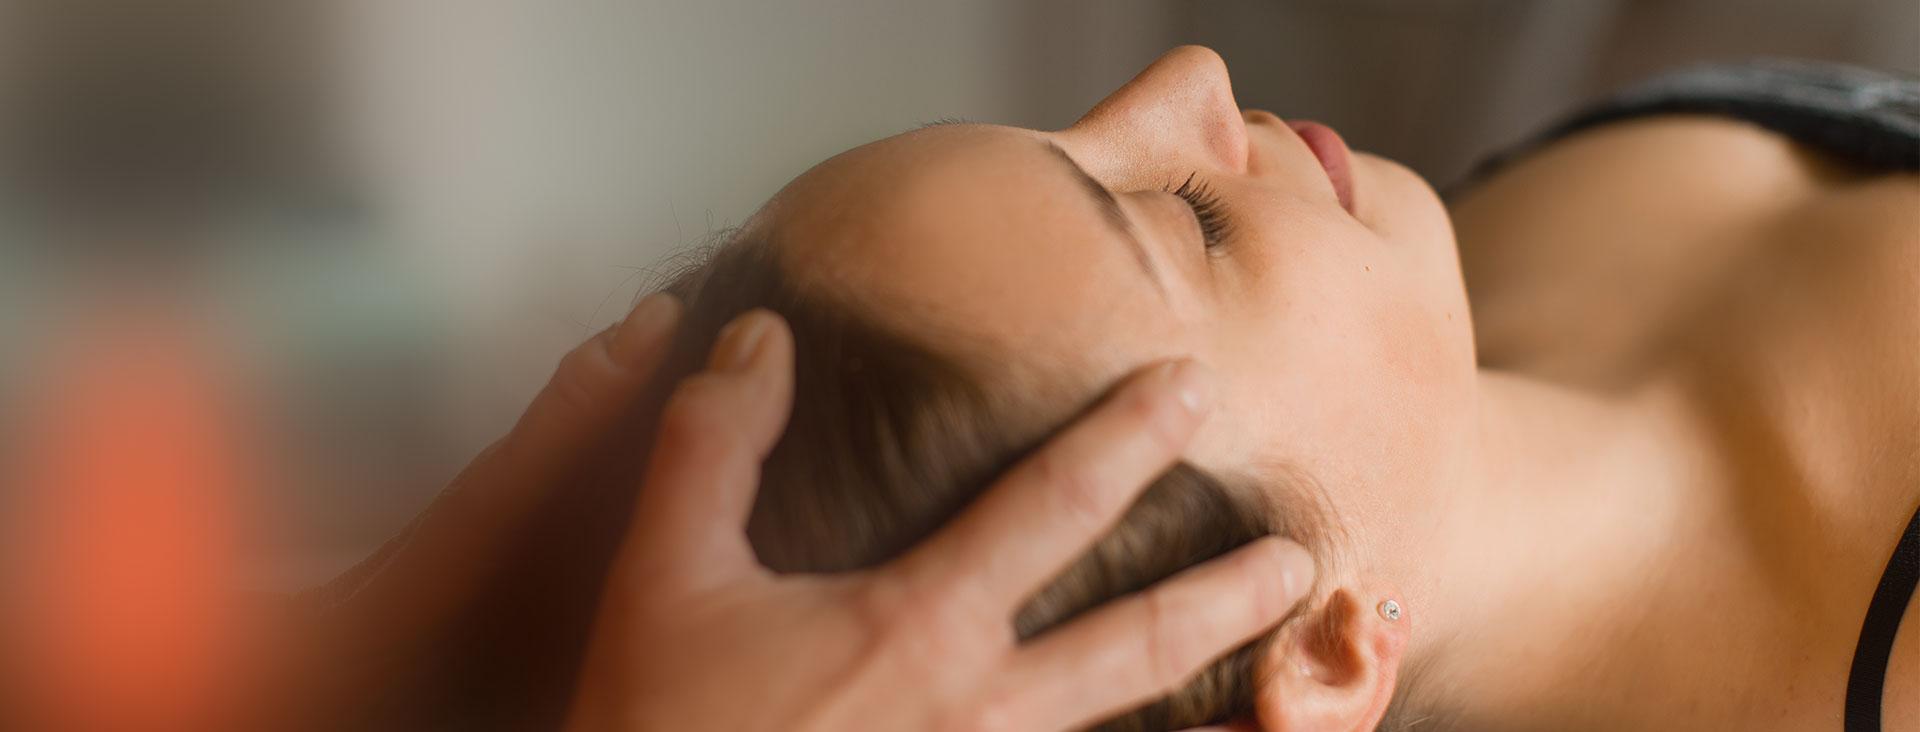 Physiotherapeutin Angela Maier führt Cranio Sacral behandlung durch